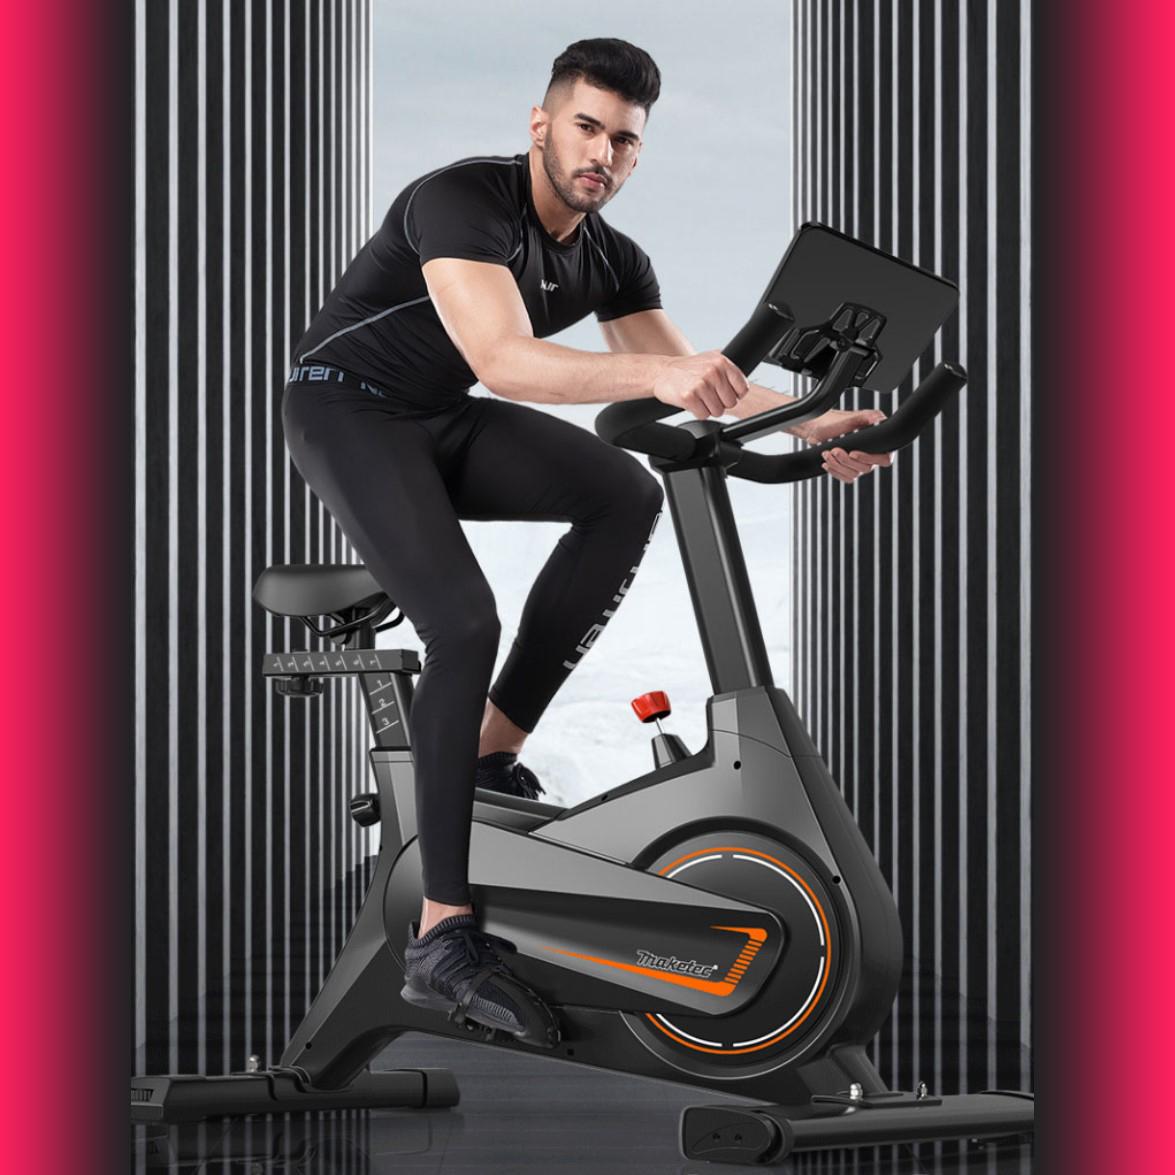 2020升级黑科技磁控阻力动感单车家用健身房专用运动自行车静音款